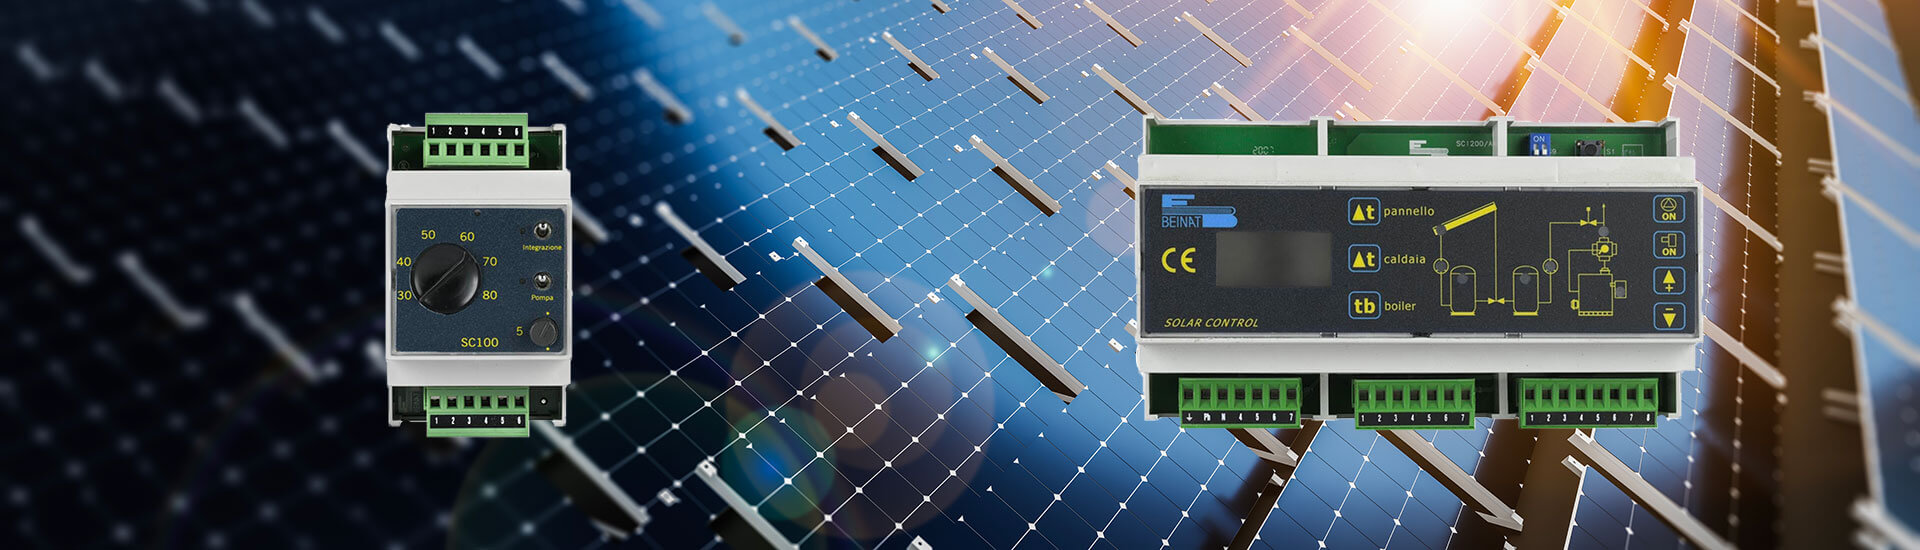 Perché il fotovoltaico conviene?